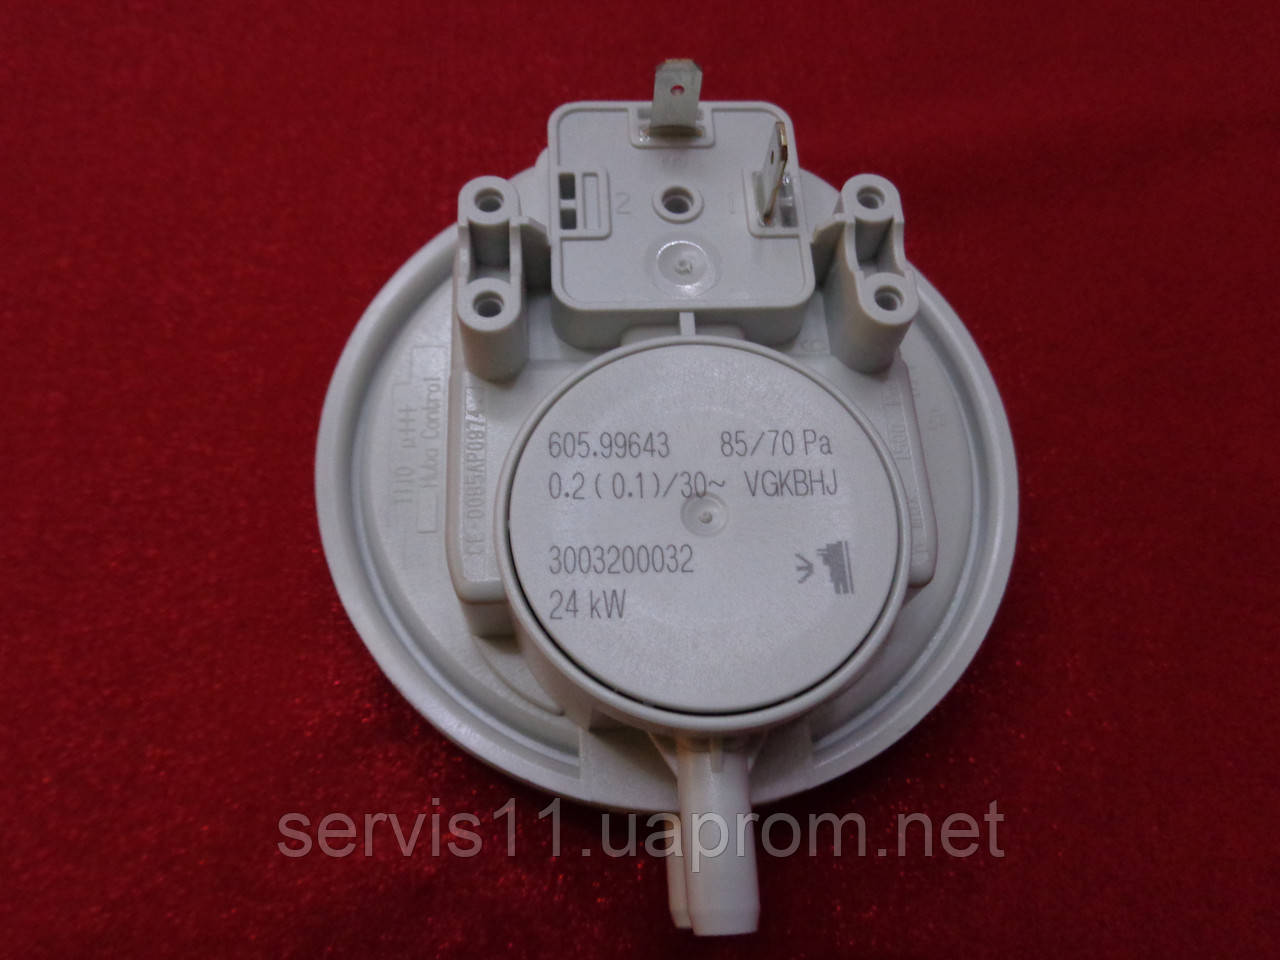 Реле давления дыма (прессостат) котлов Demrad 85/70 Pa